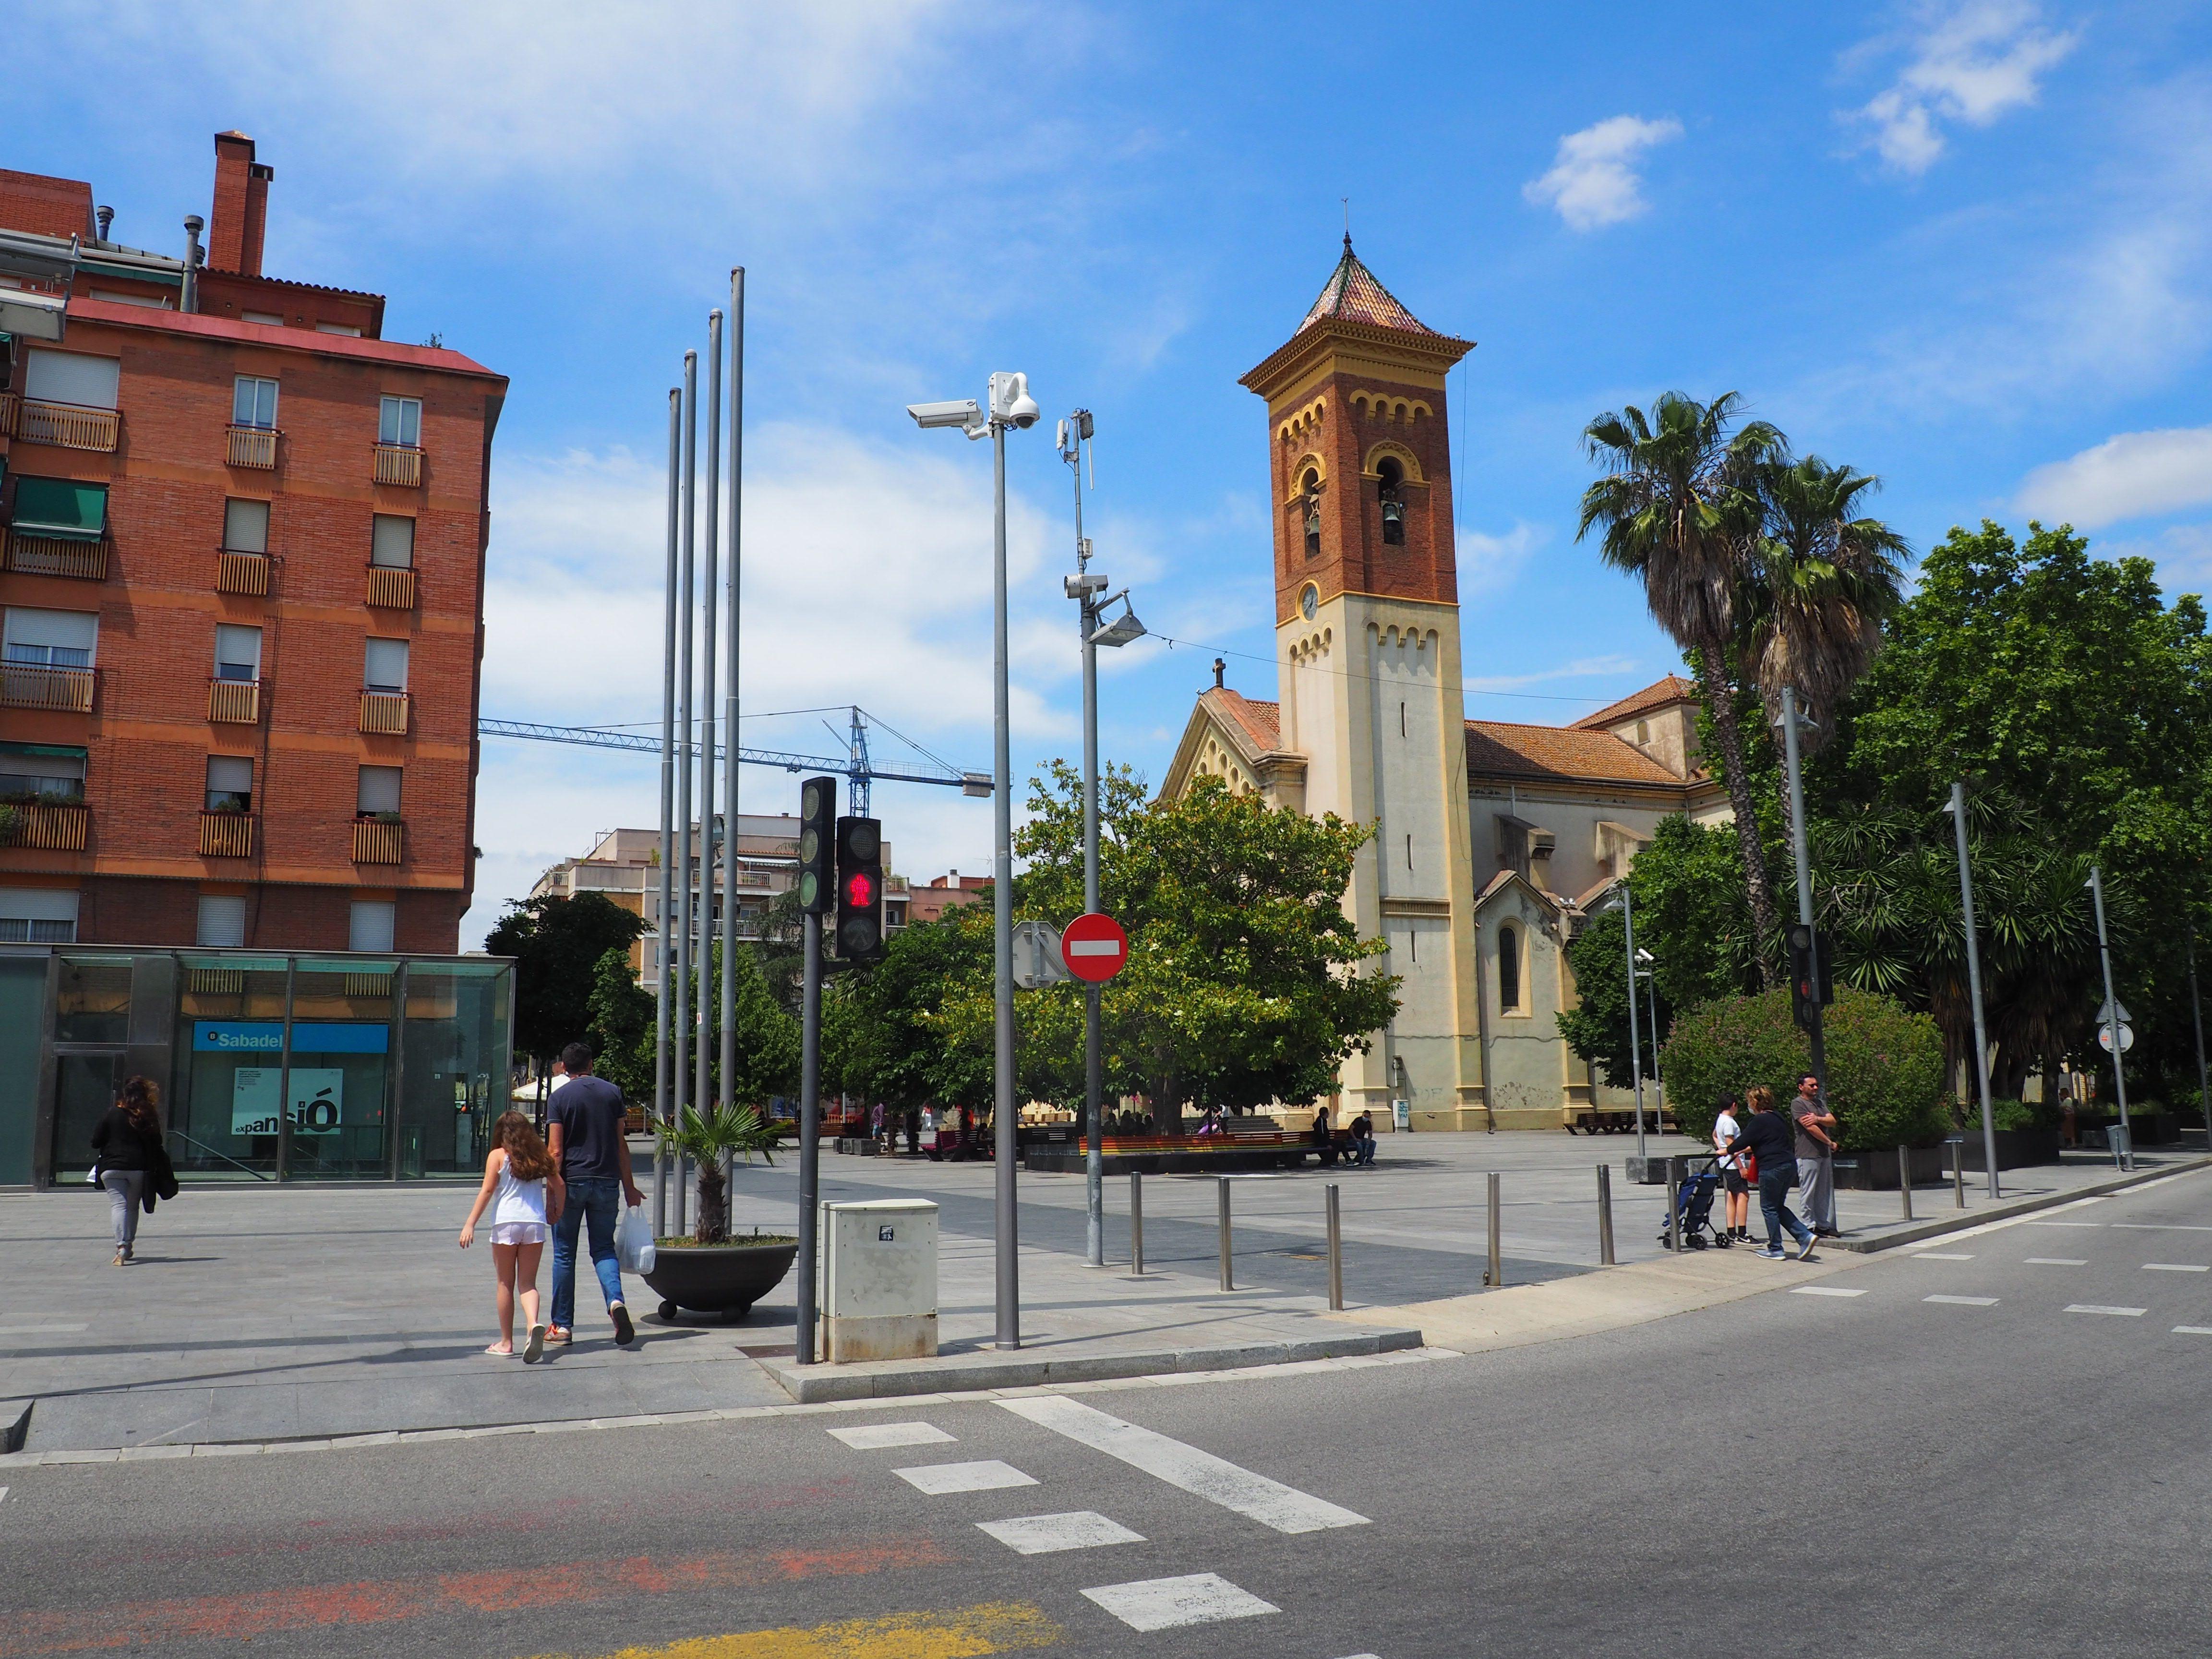 Al mes de maig, la Taula per a la reconstrucció social i econòmica de Cerdanyola va consensuar 109 actuacions per aplicar a la ciutat